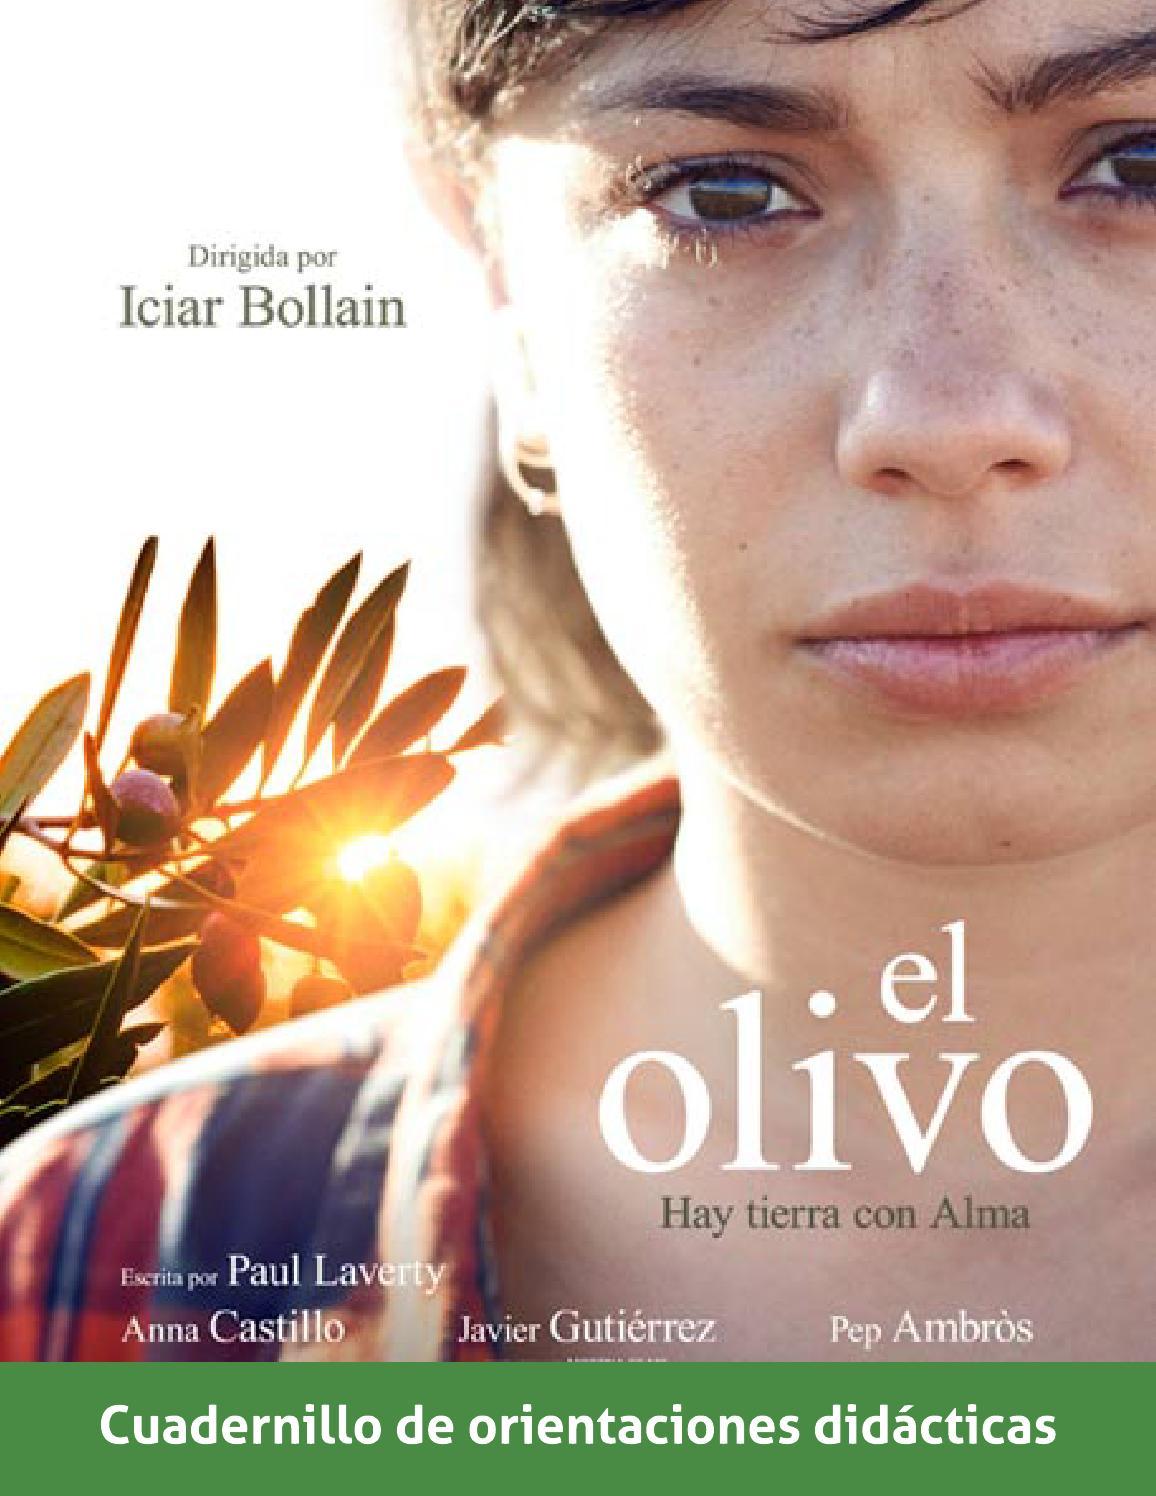 Cuadernillo De Orientaciones Didácticas Del Film El Olivo De Icíar Bollaín By Elolivo Edu Issuu